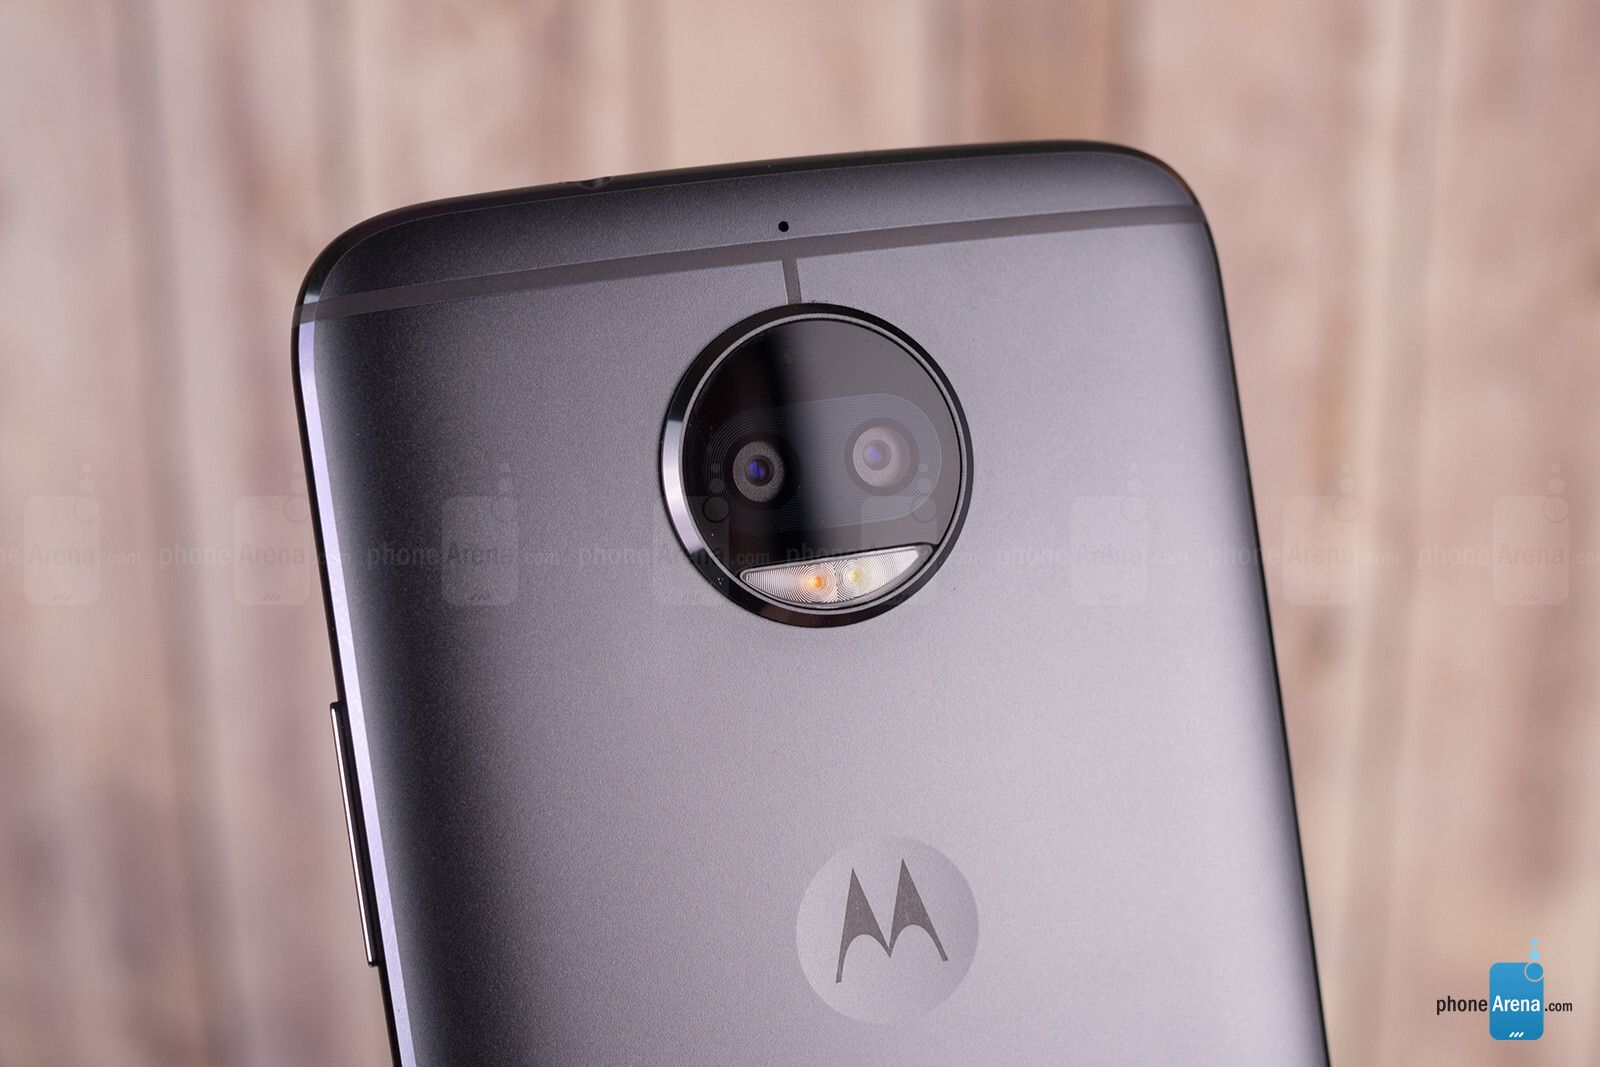 Moto G5S Plus Review - PhoneArena